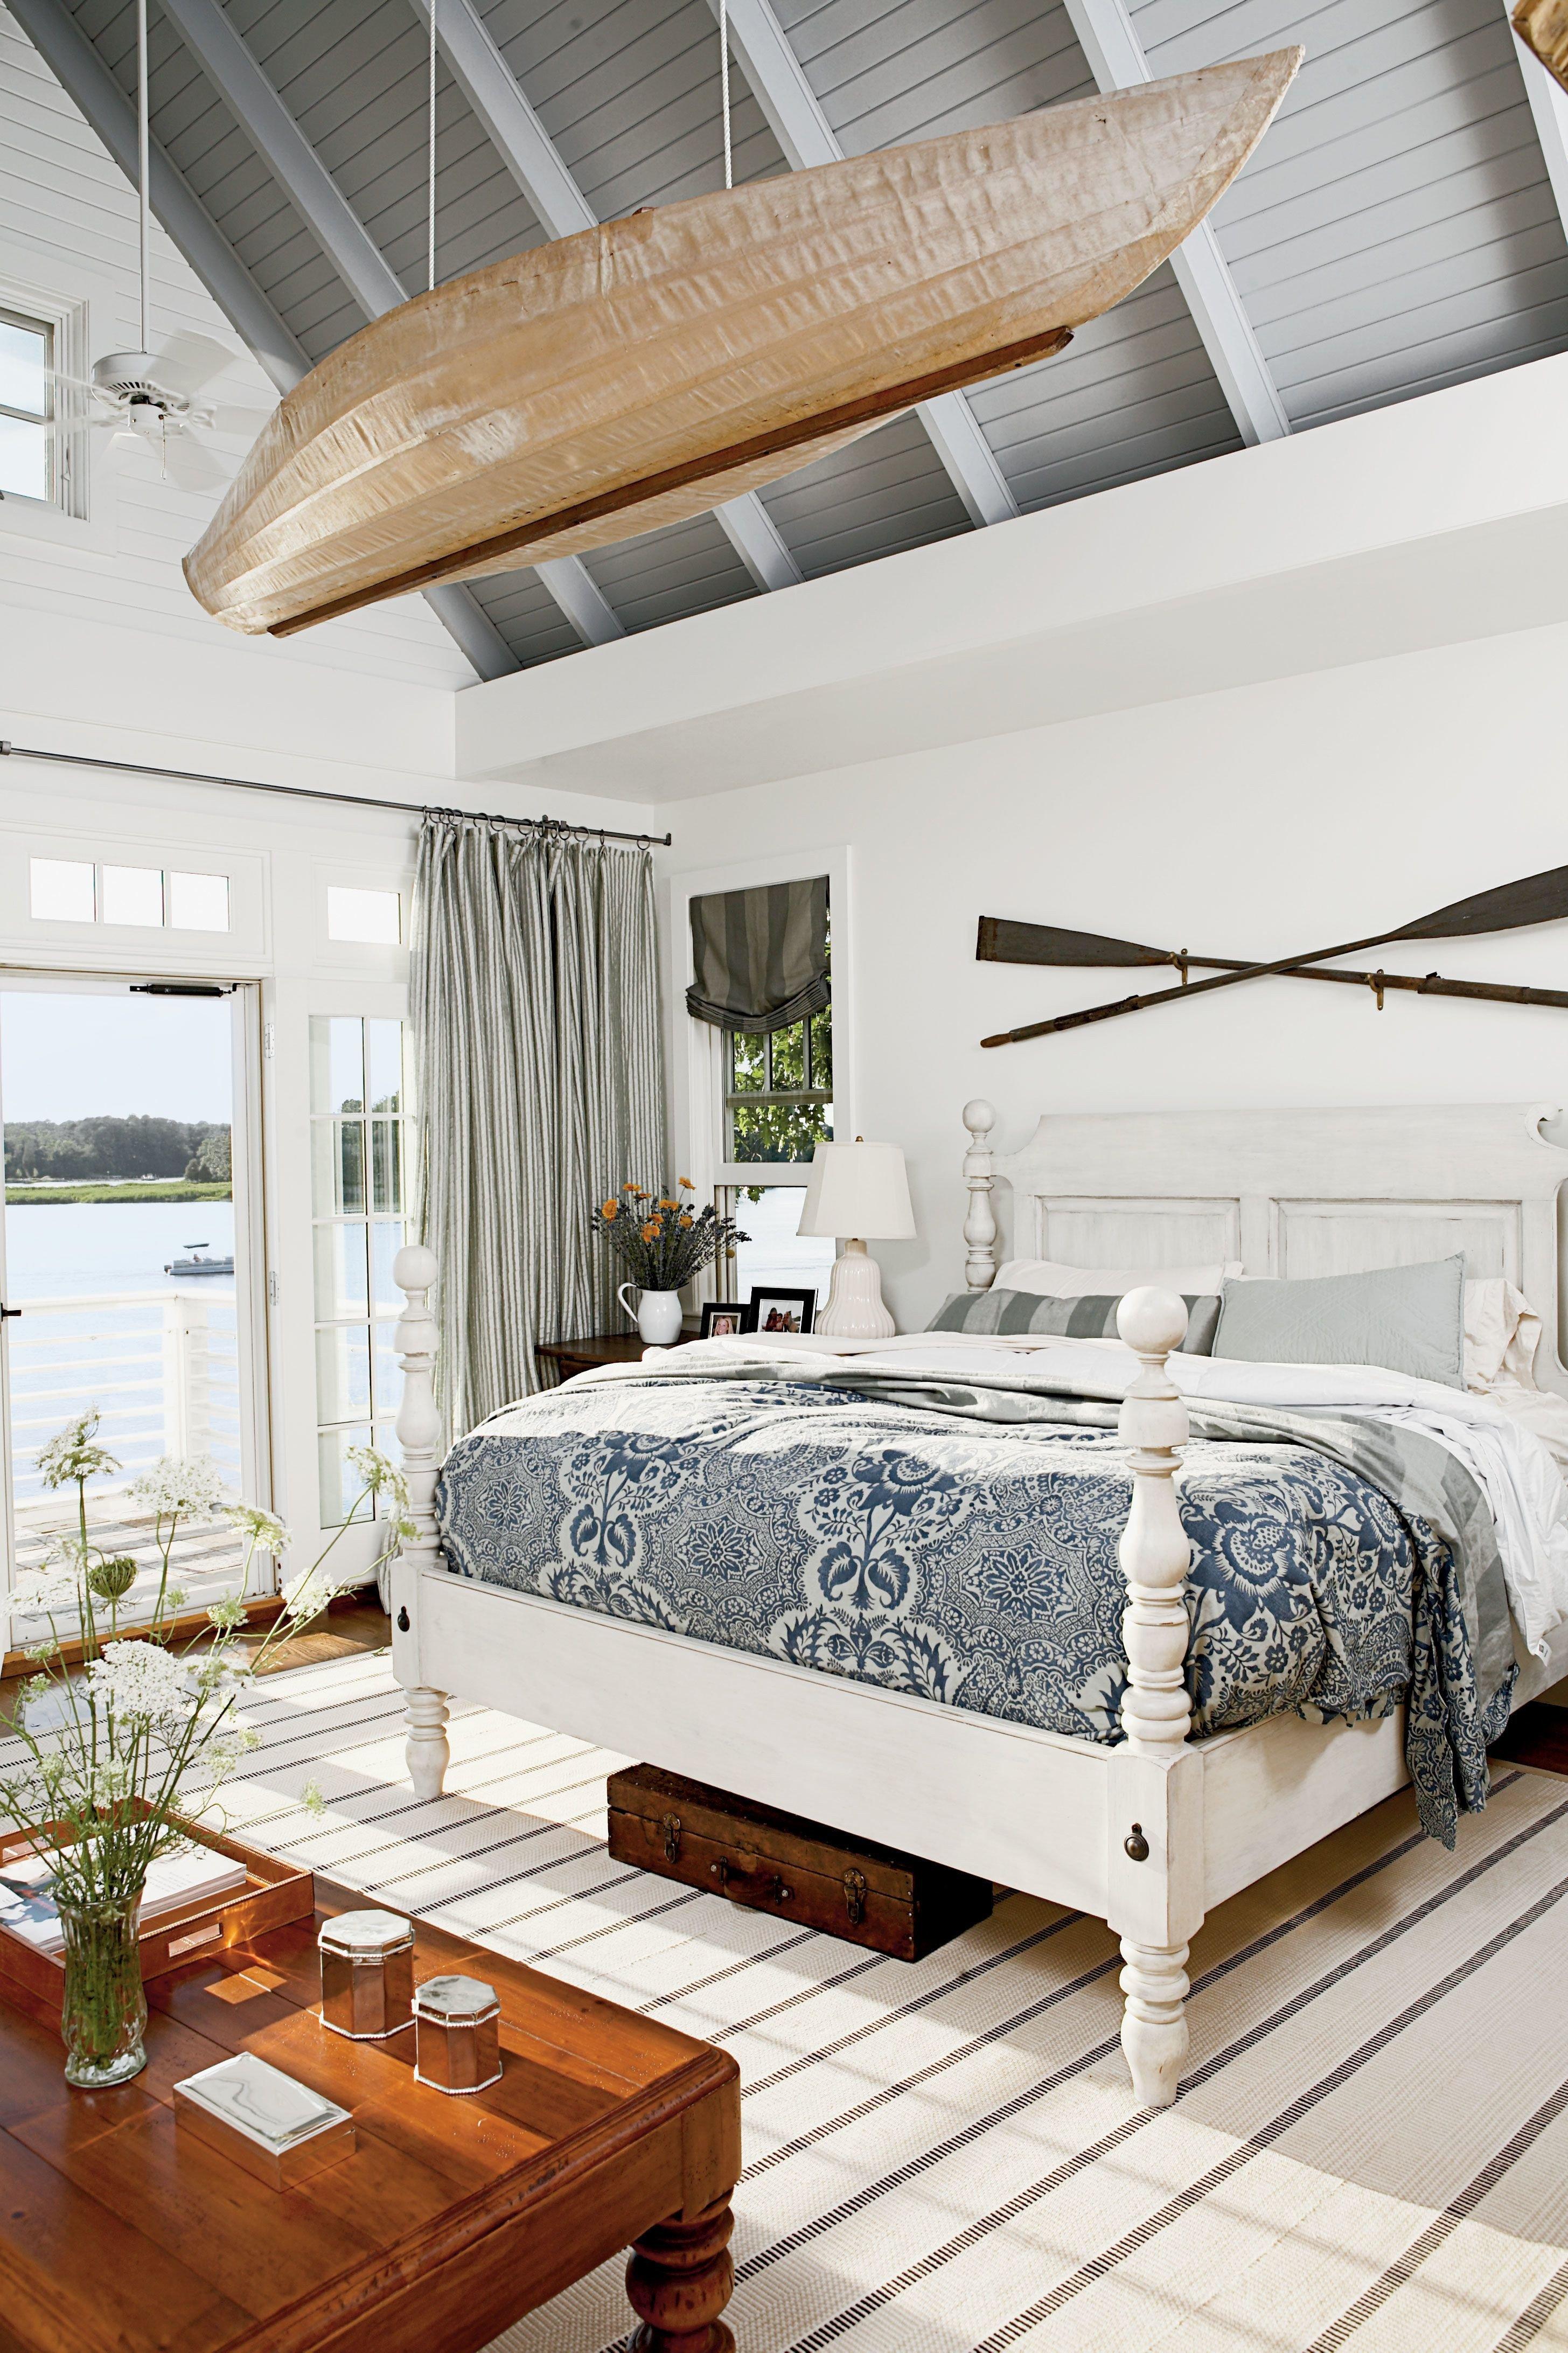 Lake House Decorating Ideas Bedroom Elegant 20 Genius Nautical Decorating Ideas